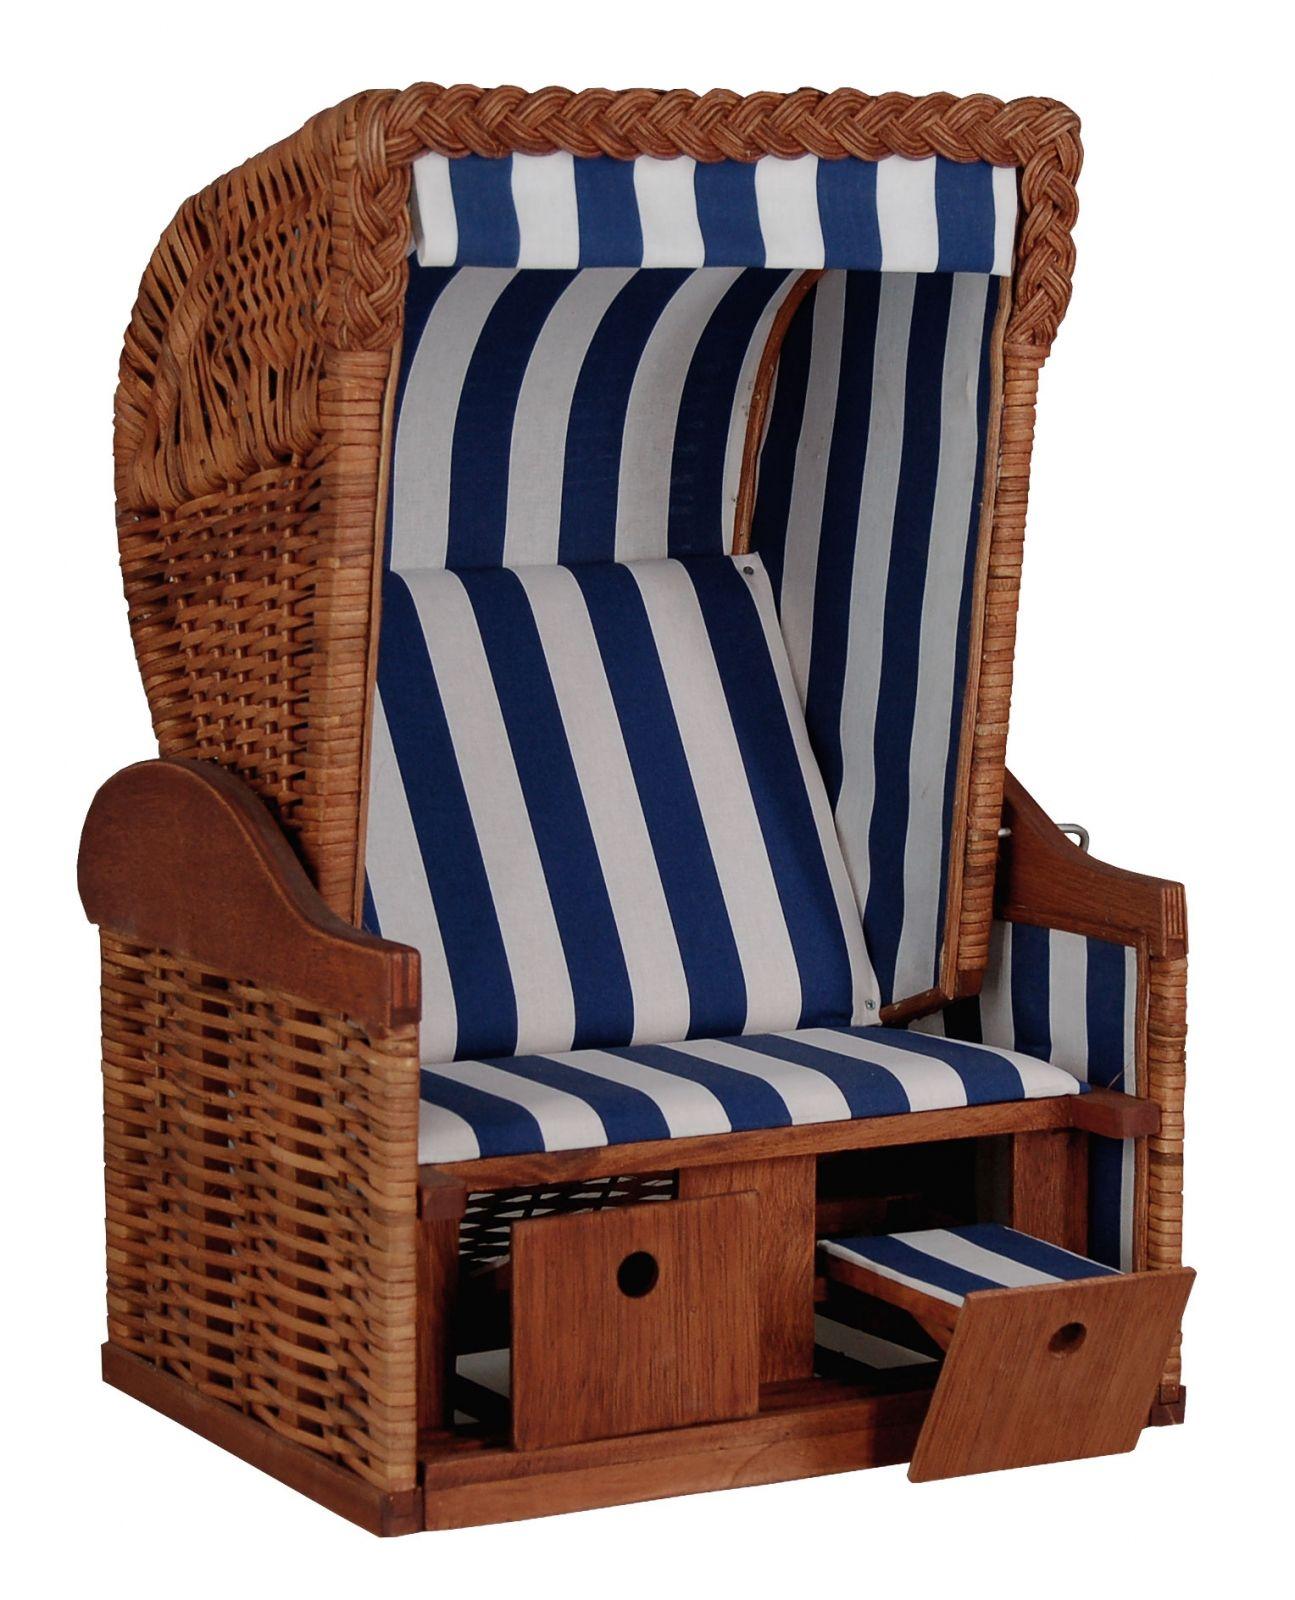 strandkorb deko rugbyclubeemland. Black Bedroom Furniture Sets. Home Design Ideas